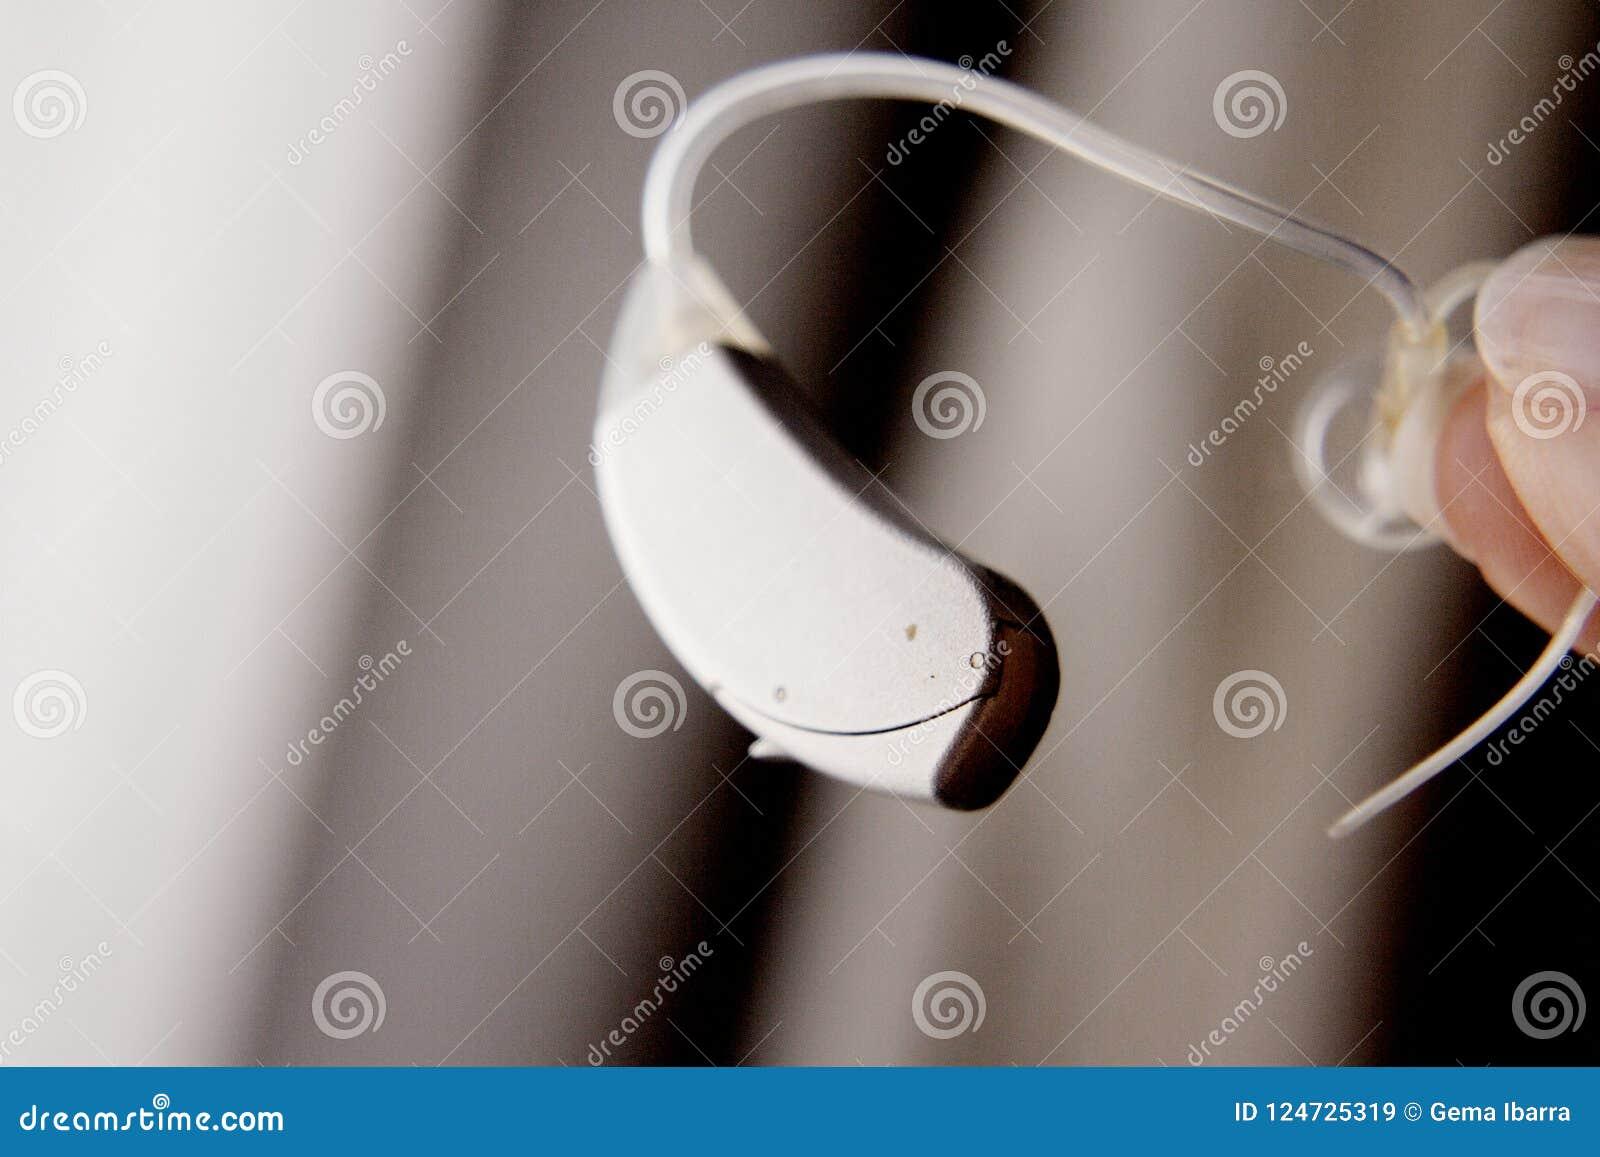 Deaf hook up